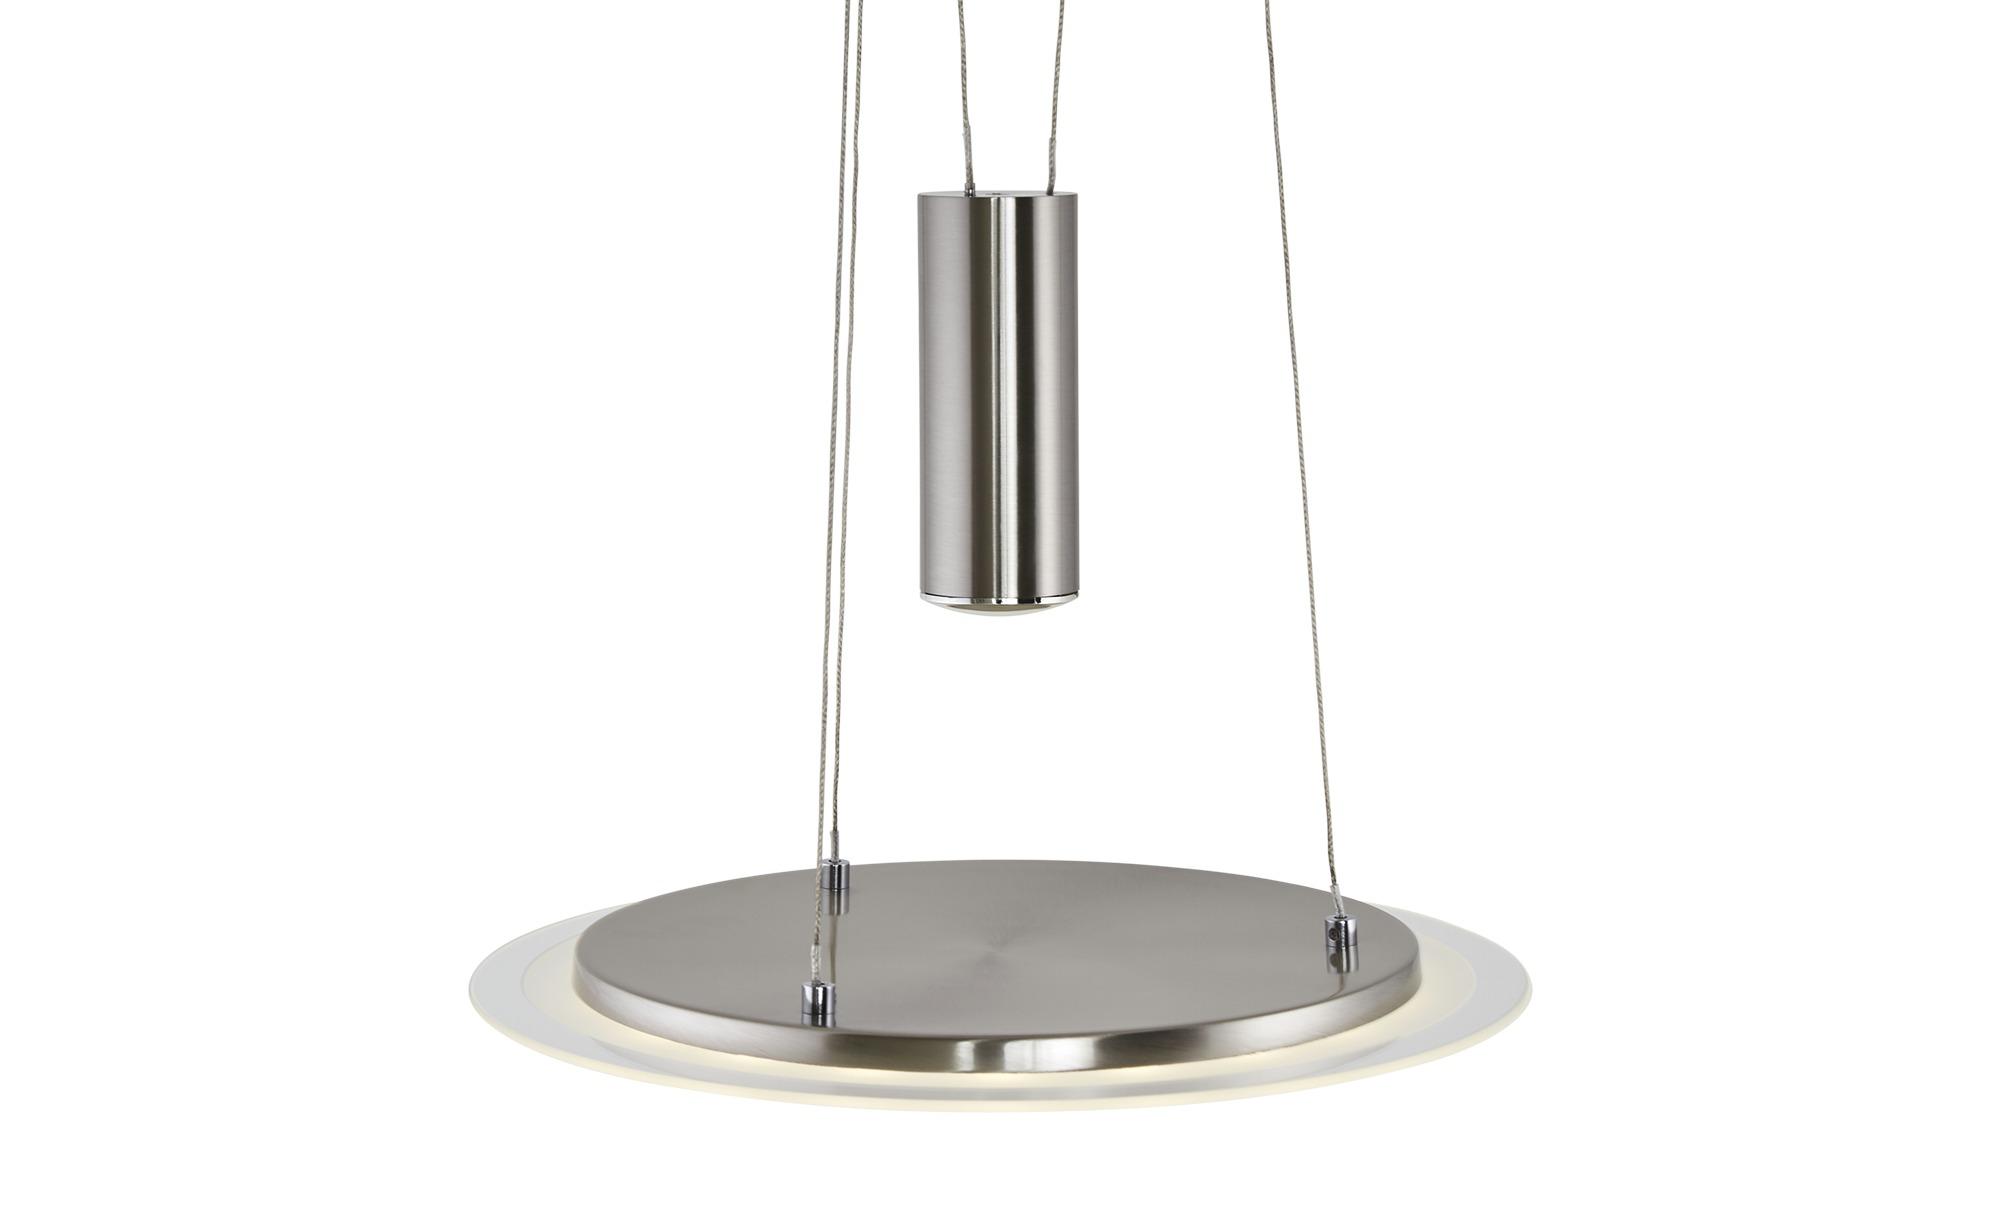 KHG LED-Pendelleuchte, Nickel matt ¦ silber ¦ Maße (cm): H: 130 Ø: [40.0] Lampen & Leuchten > LED-Leuchten > LED-Pendelleuchten - Höffner